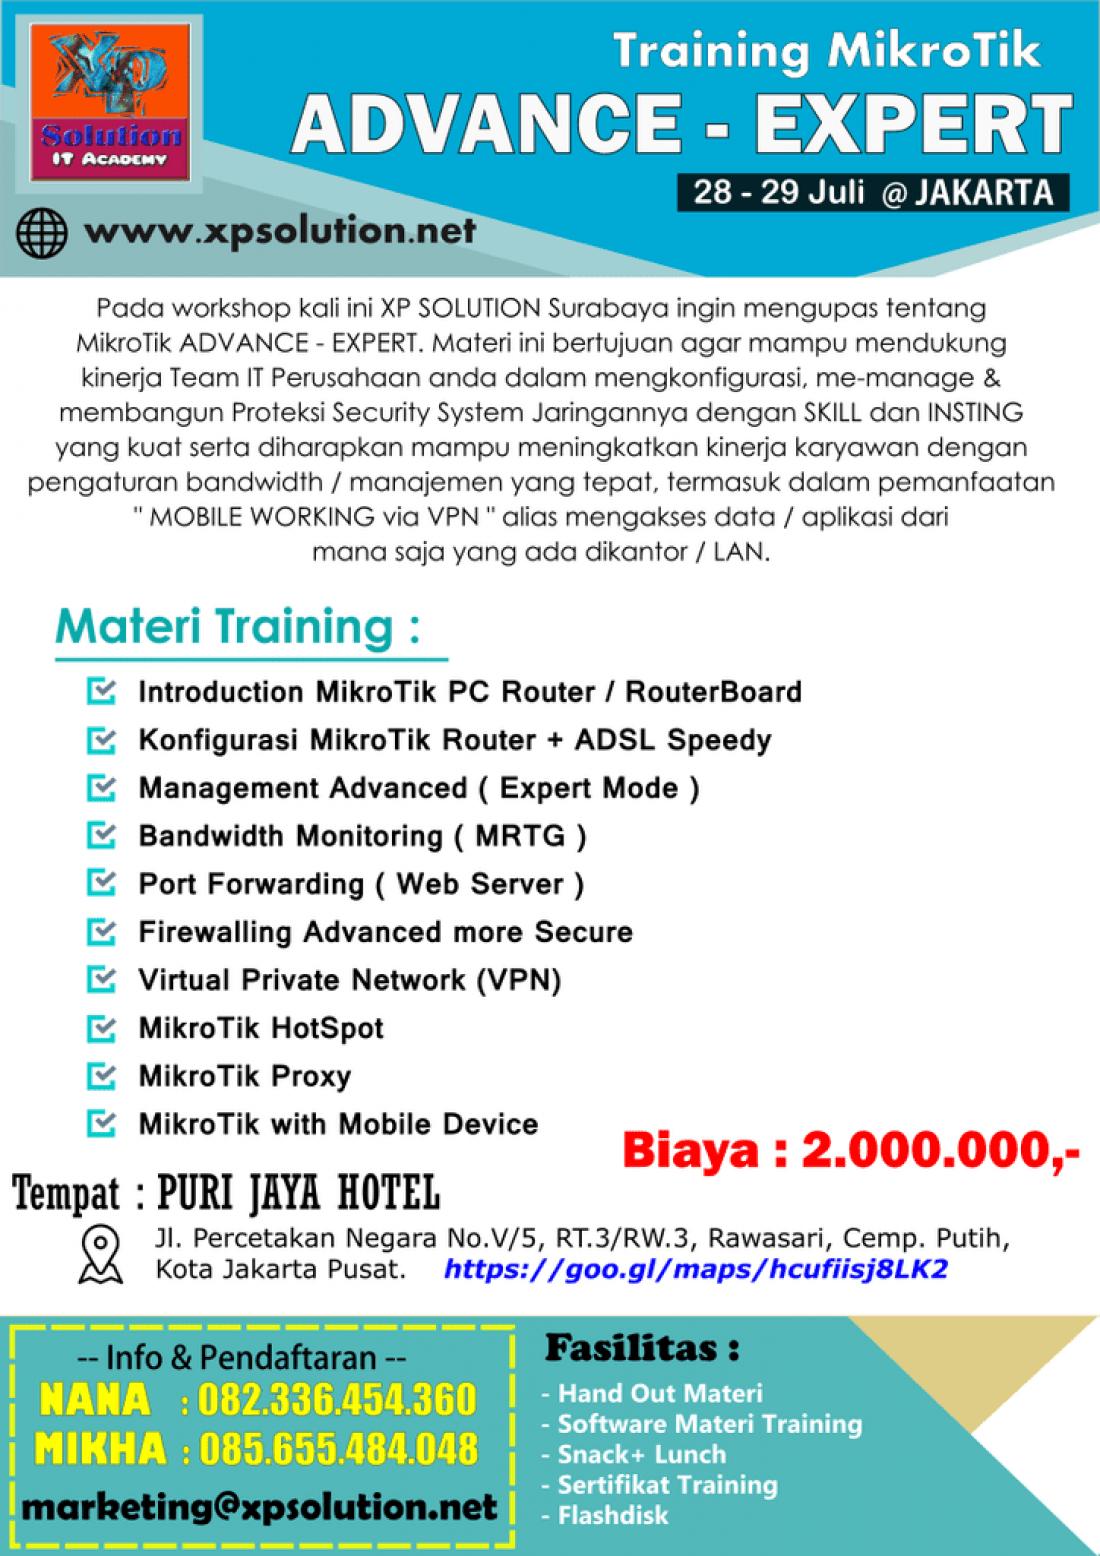 Training MikroTik Advance-Expert 28-29 Juli 2018 di Jakarta